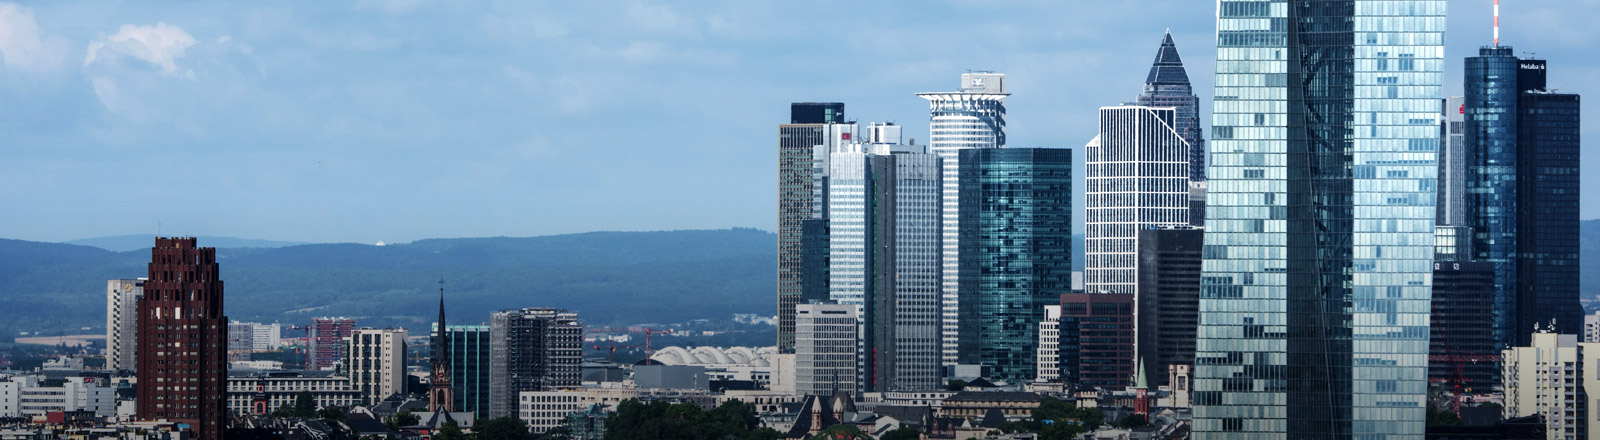 Skyline der Banken-Hochhäuser in Frankfurt.